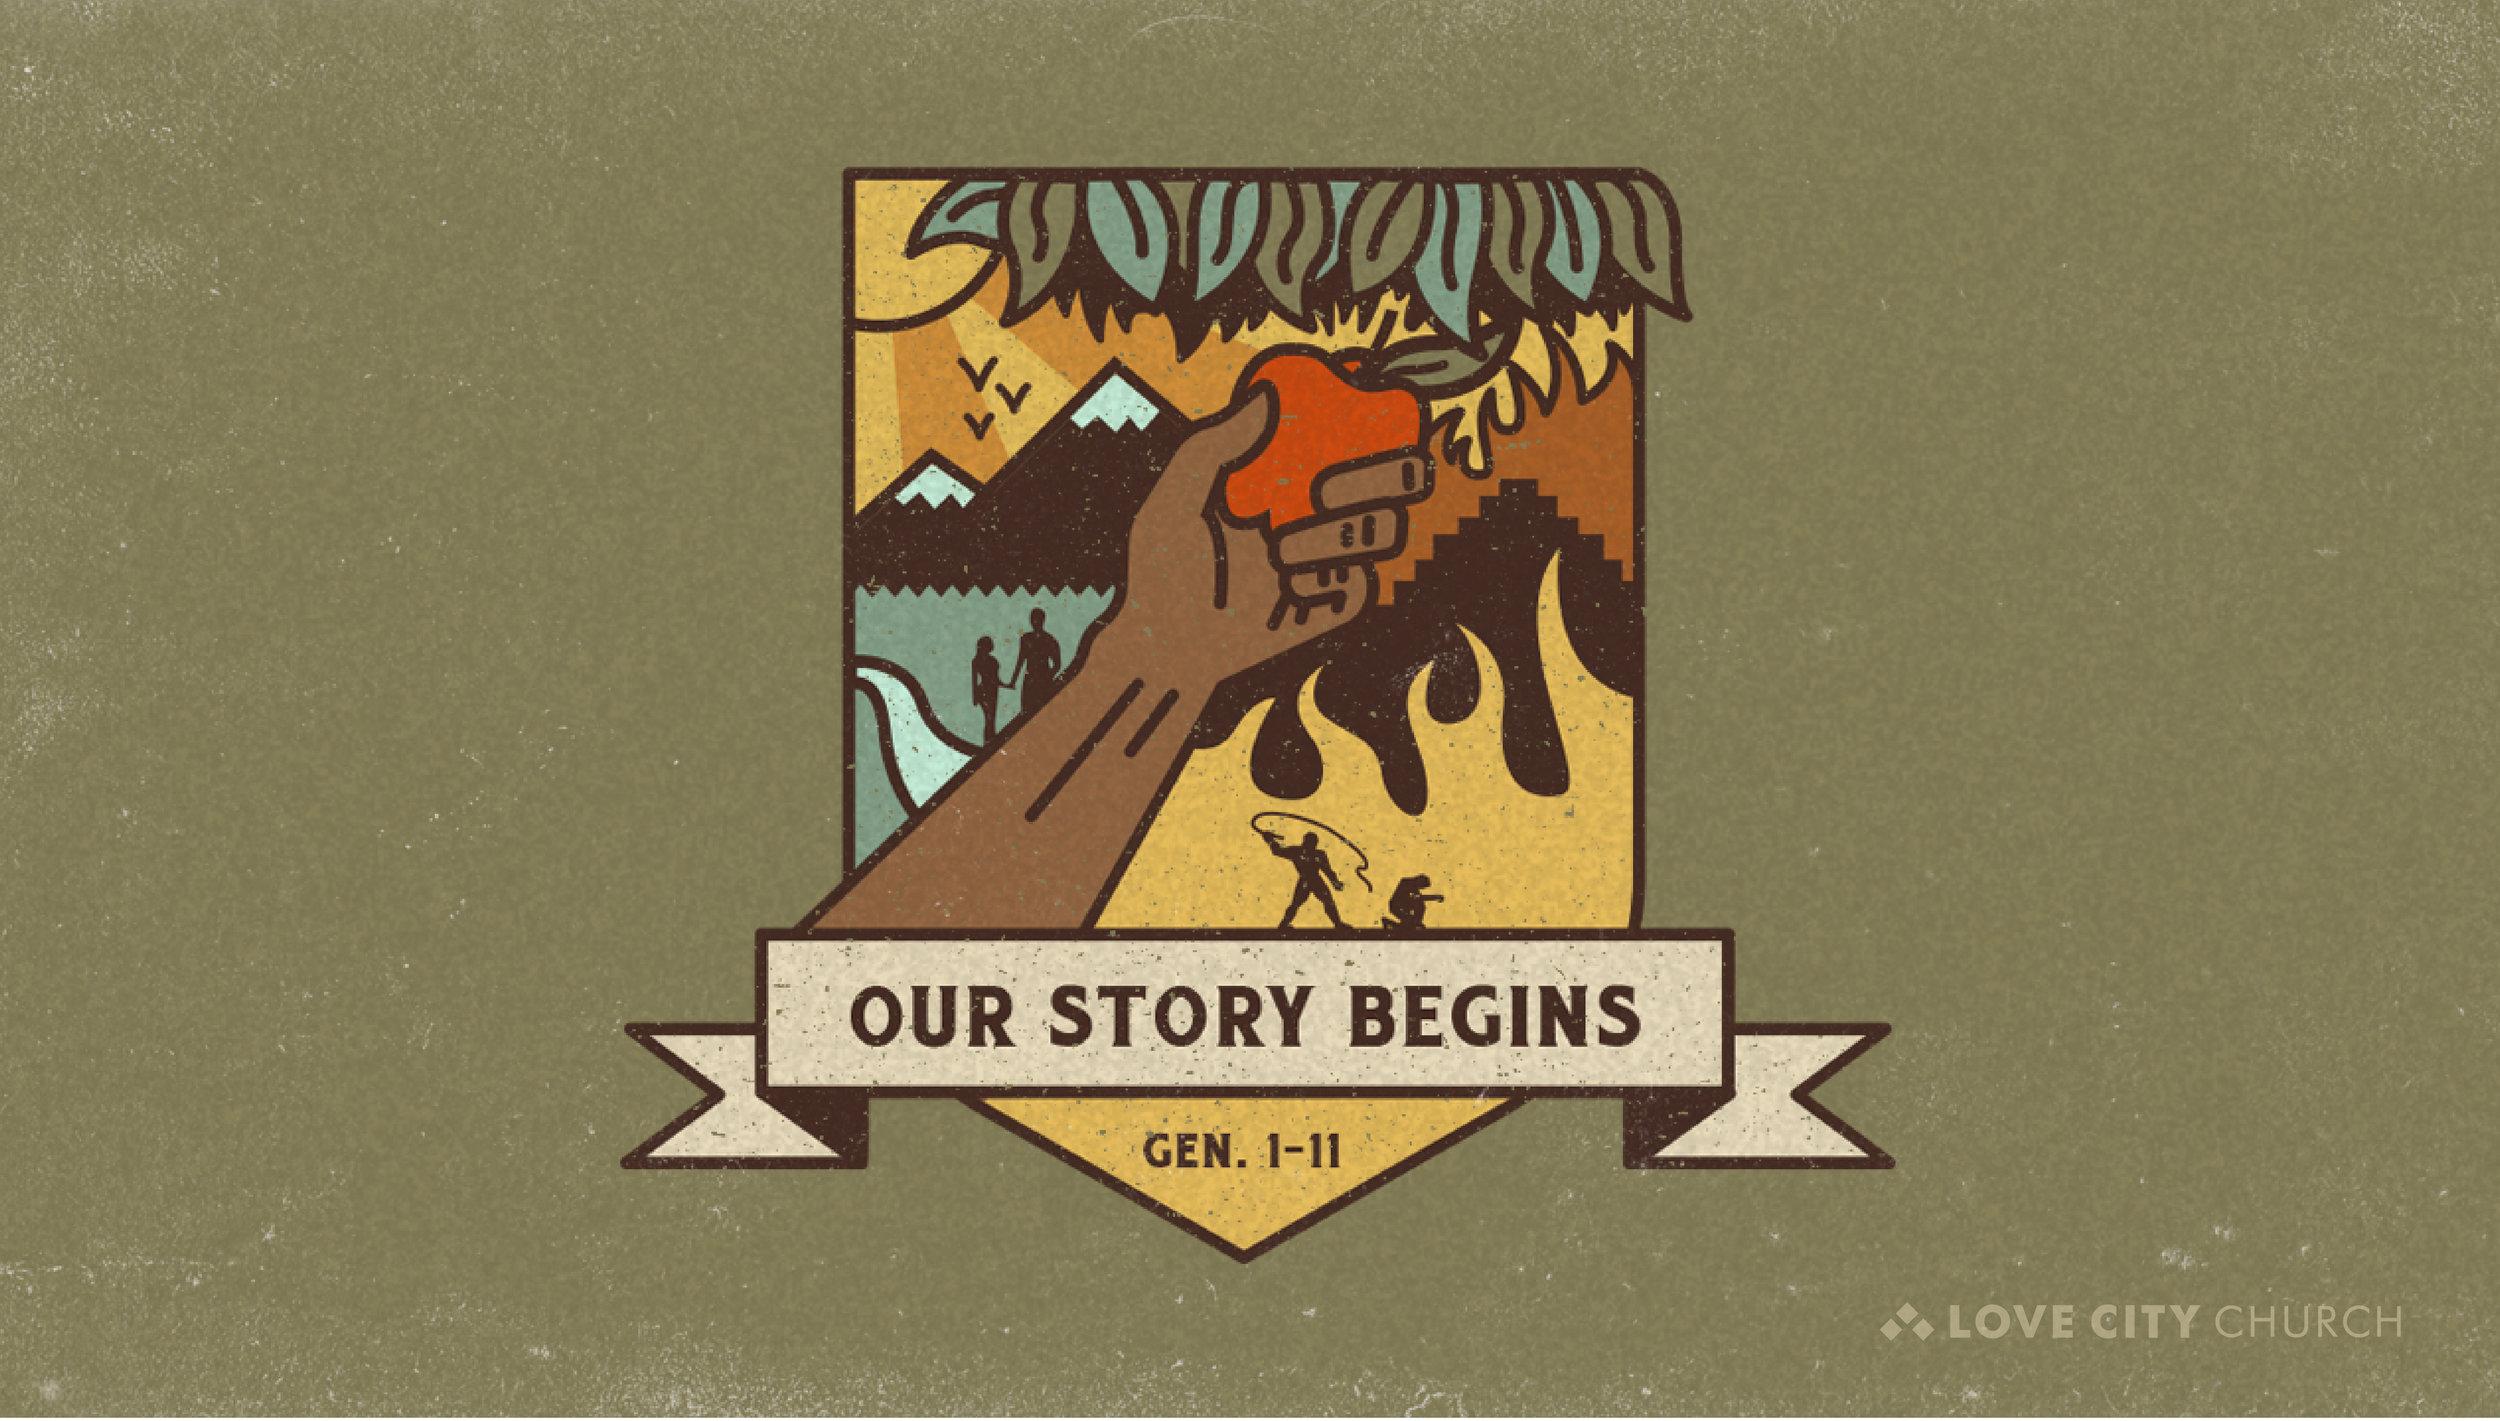 our_story_begins_FINAL-01.jpg